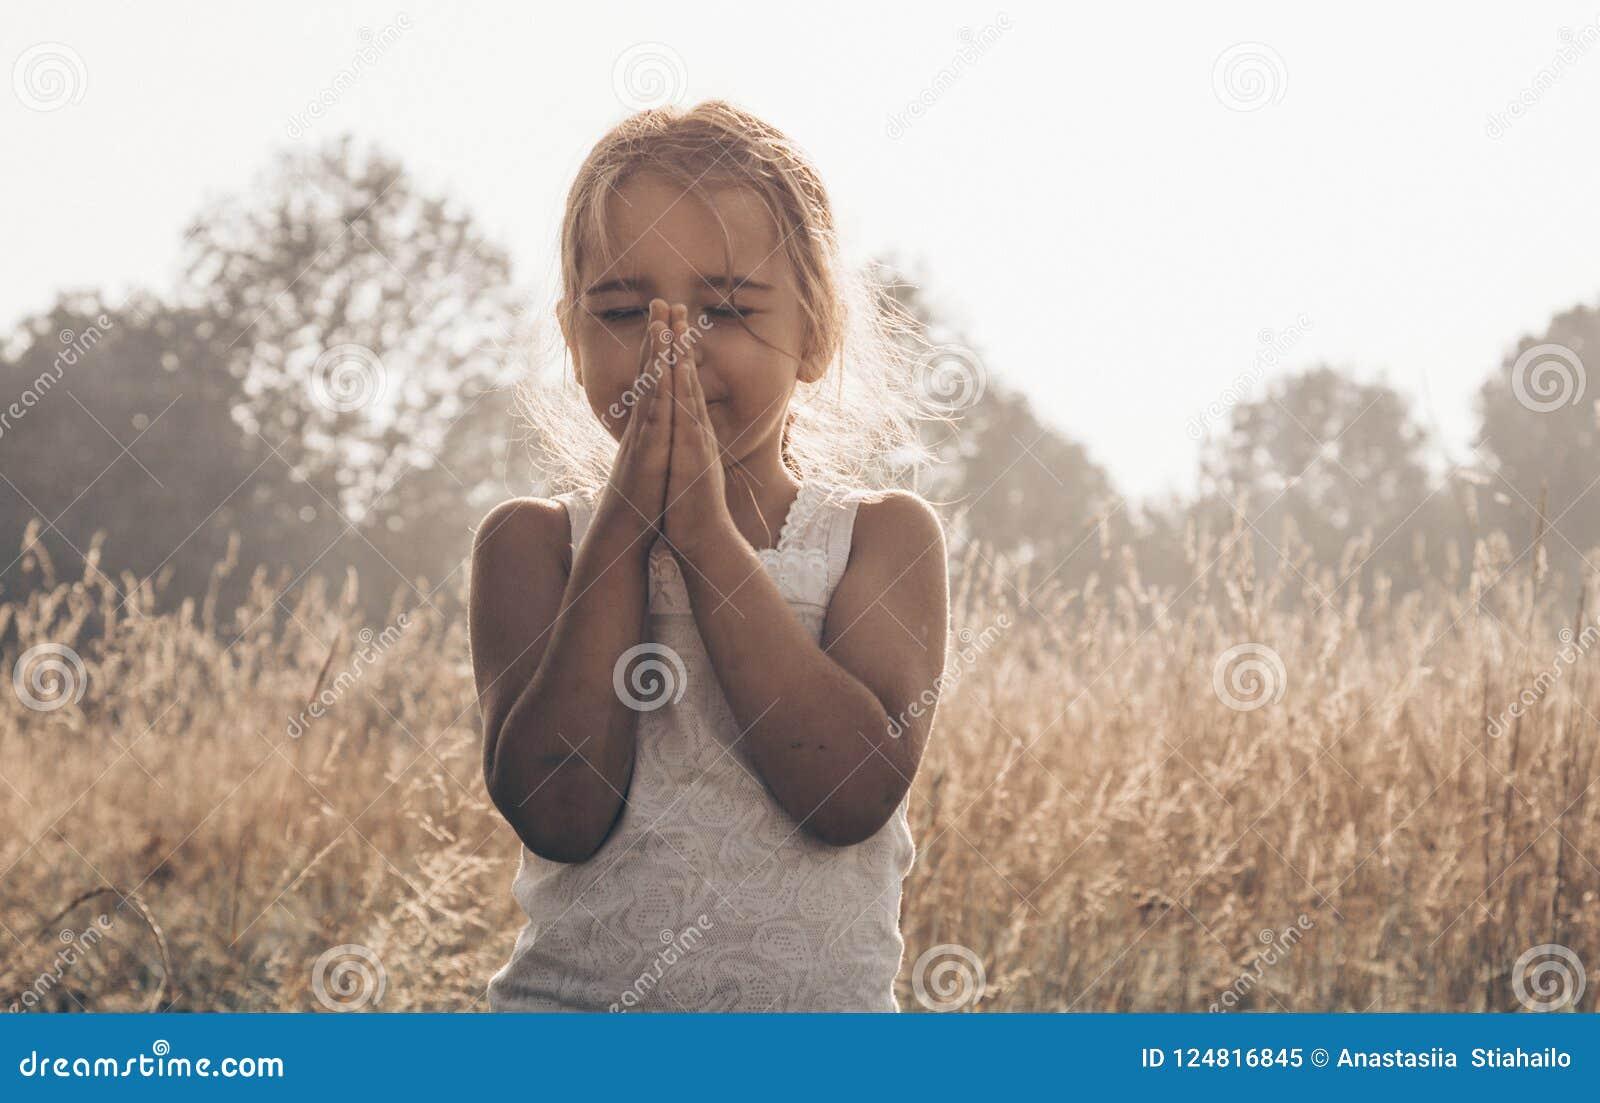 La petite fille a fermé ses yeux priant au coucher du soleil Les mains se sont pliées dans le concept de prière pour la foi, la s